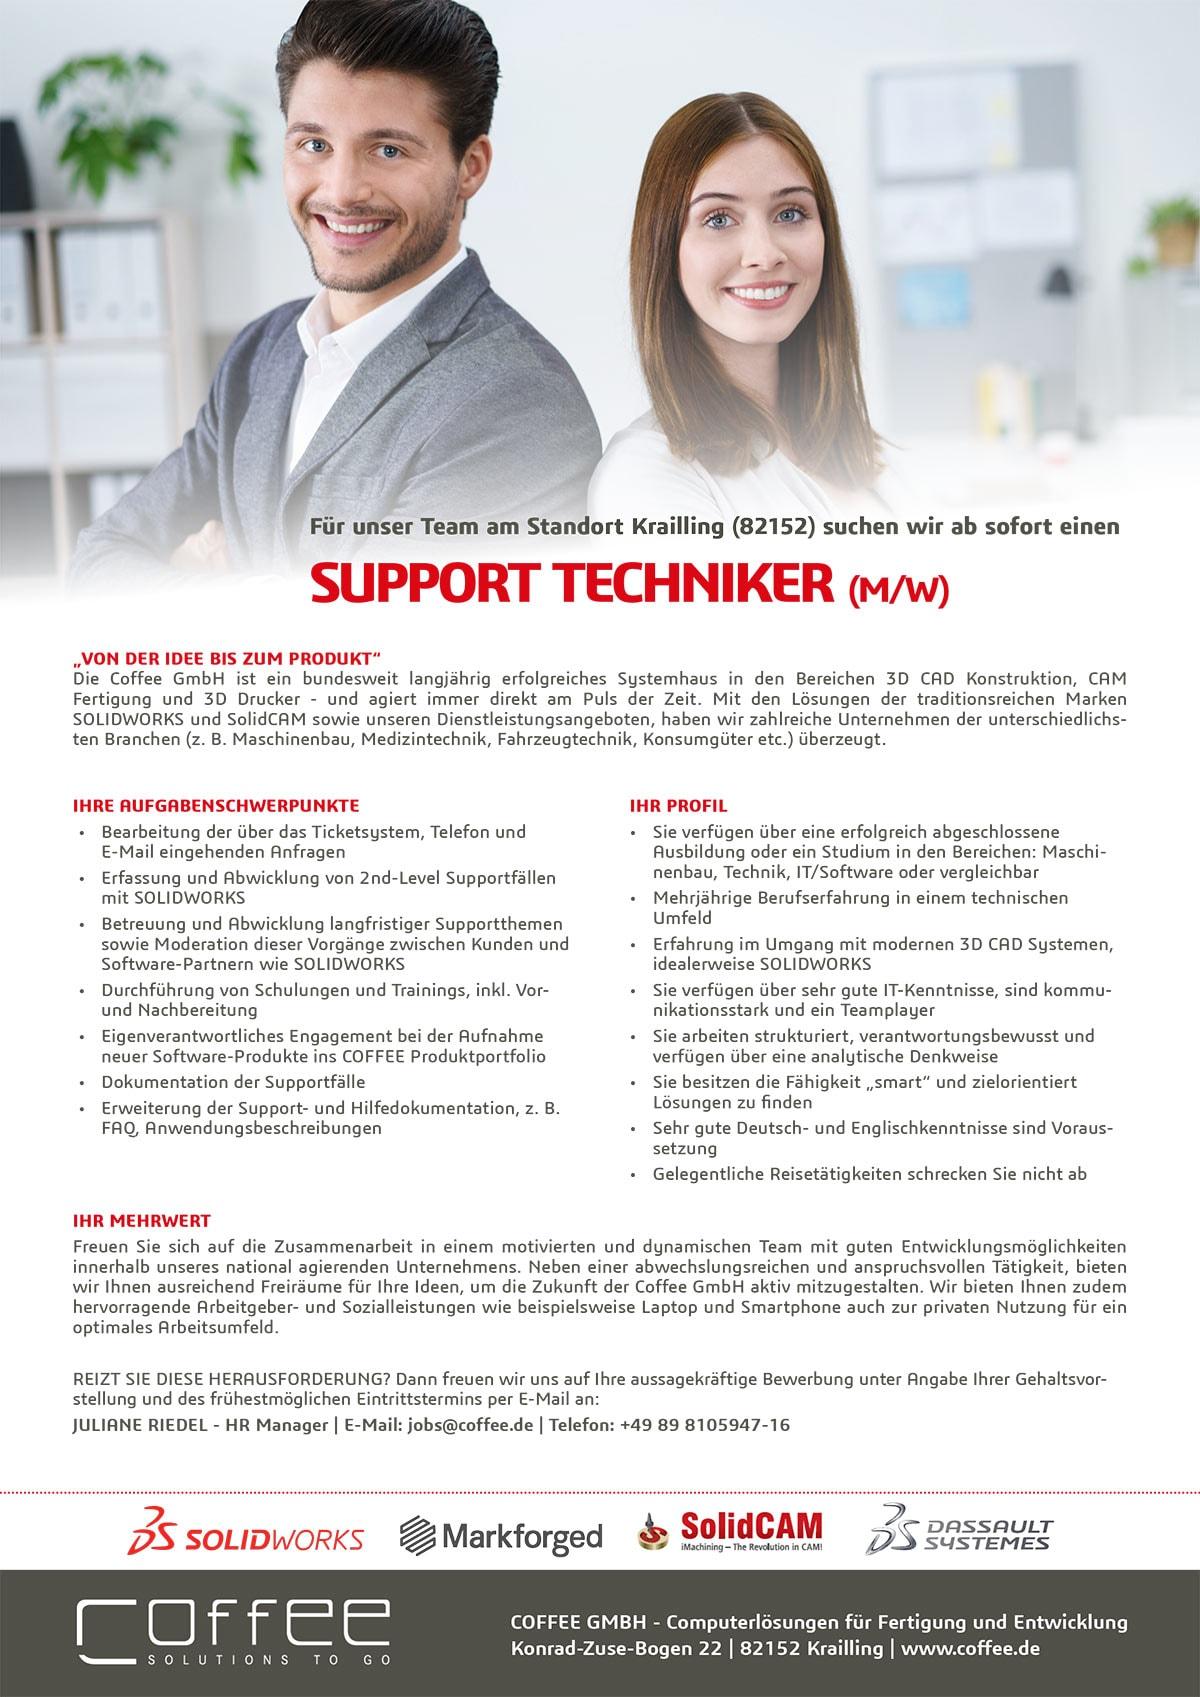 Stellenanzeige_Support-Techniker_0716_Krailling